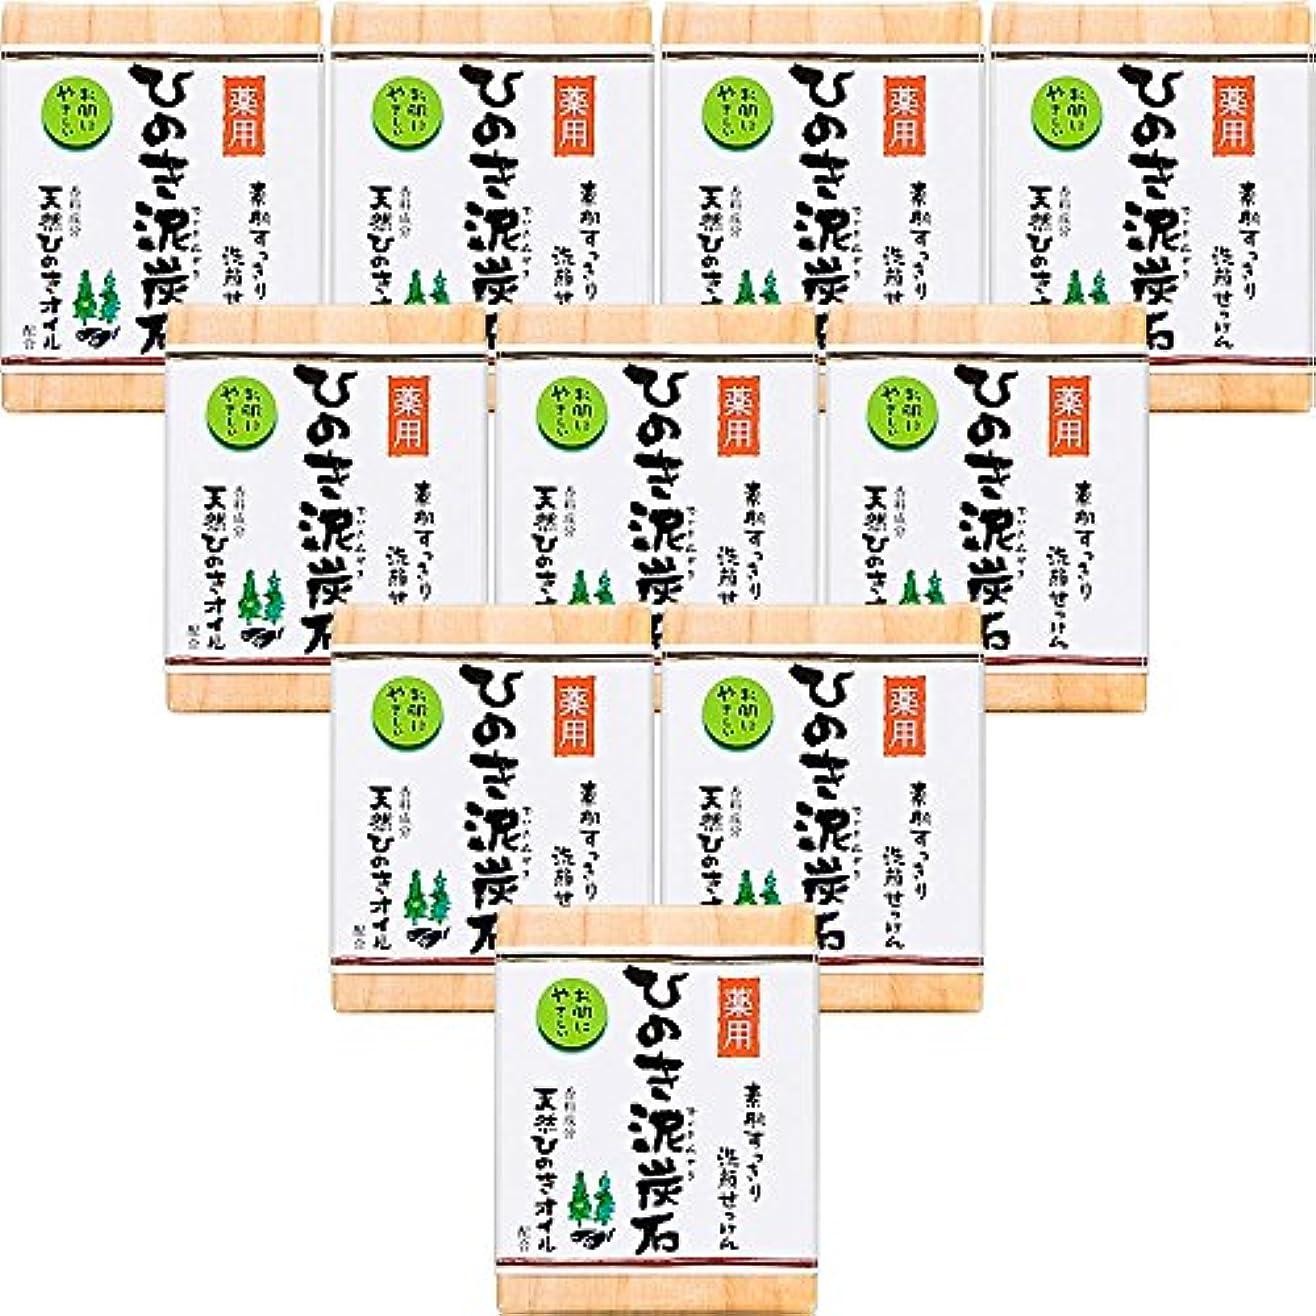 薬用 ひのき泥炭石 洗顔せっけん (75g×10個) 石けん [天然ひのきオイル配合] 肌荒れ防止